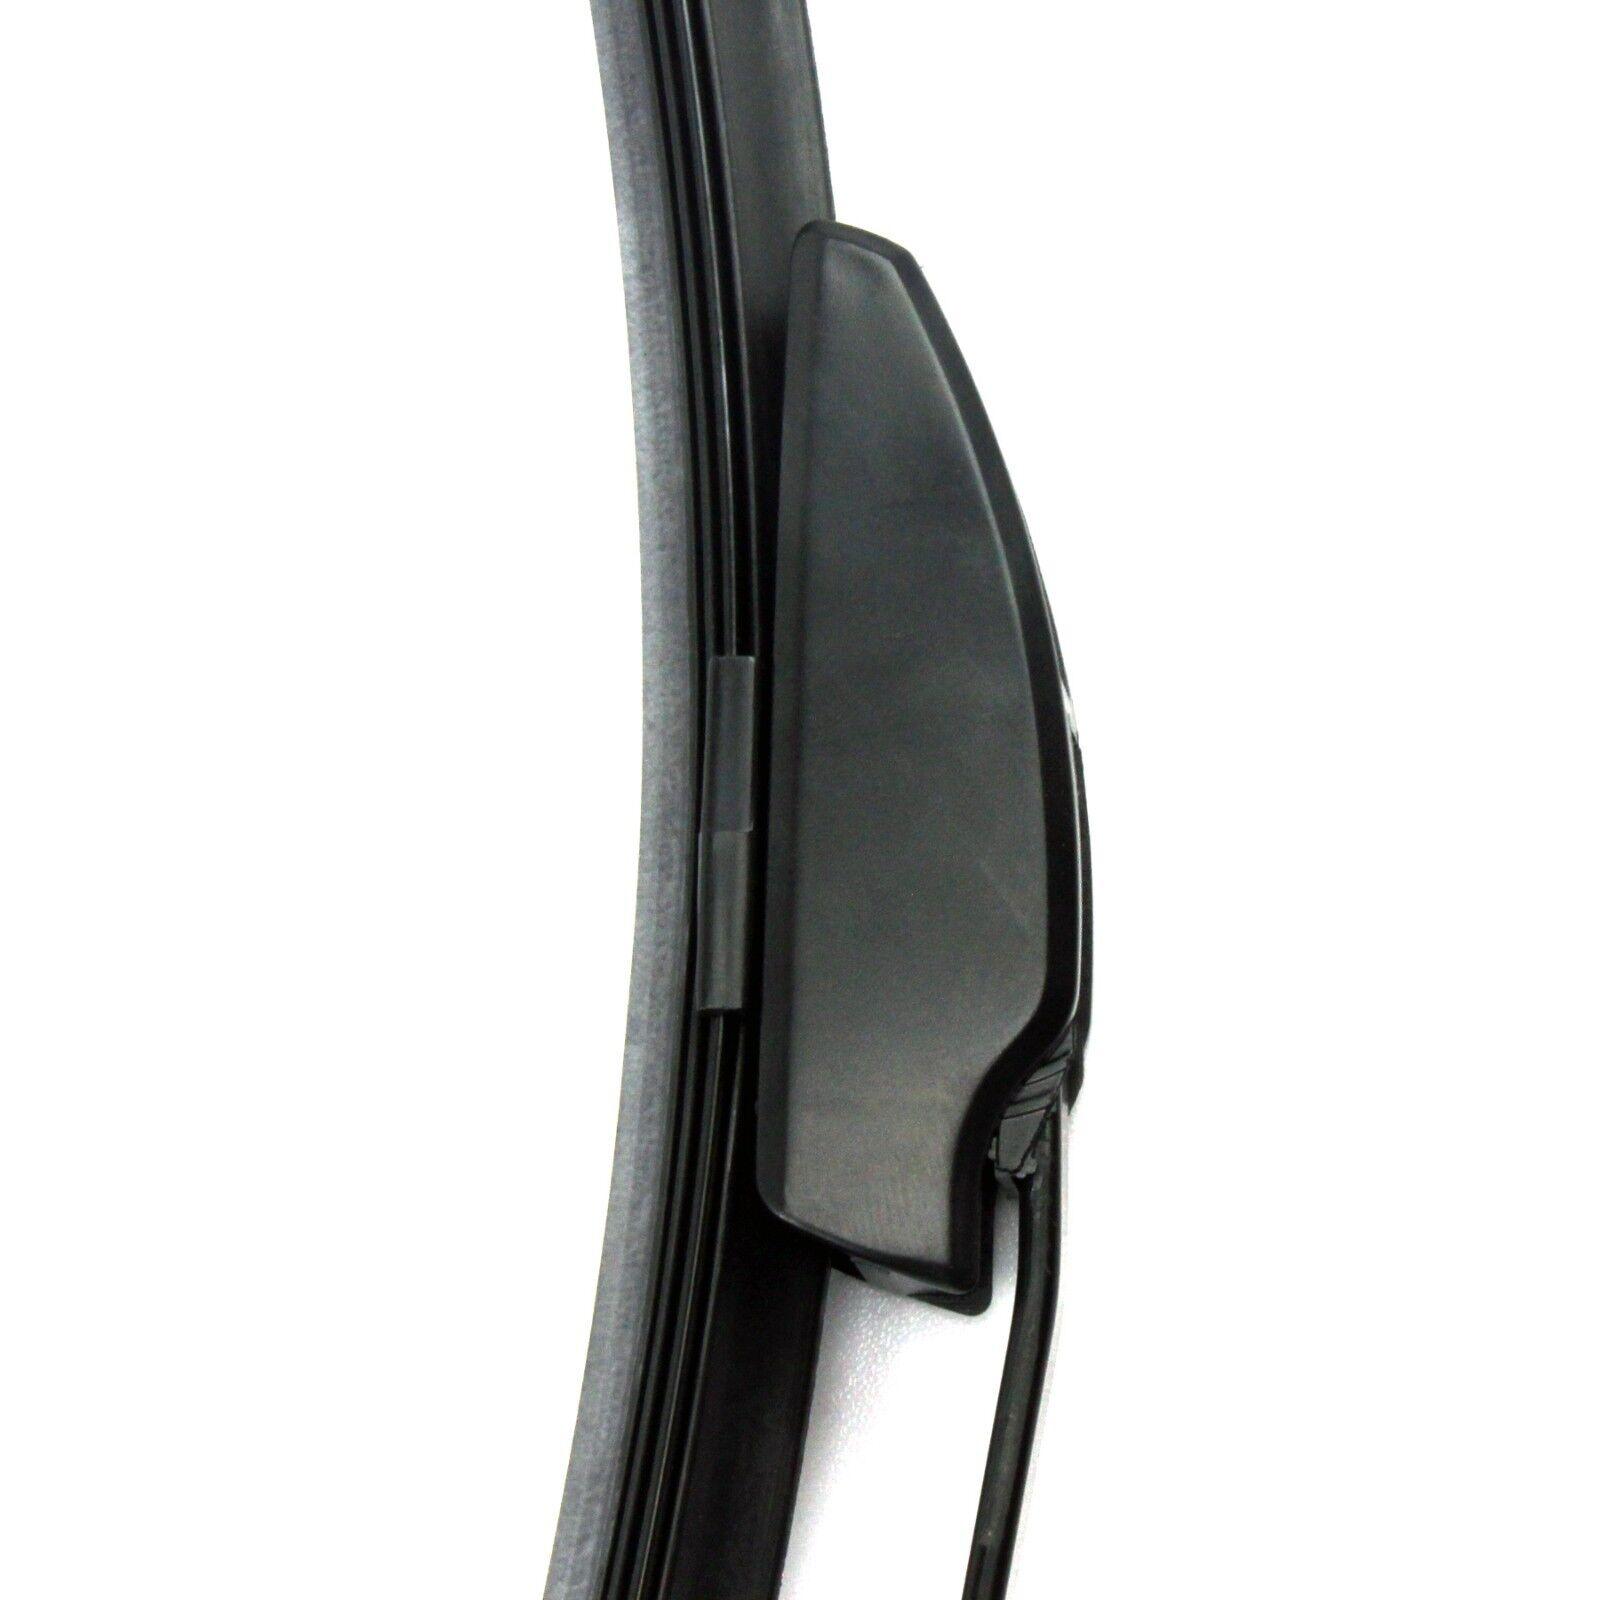 3x scheibenwischer set f r mazda premacy vorne 600mm. Black Bedroom Furniture Sets. Home Design Ideas